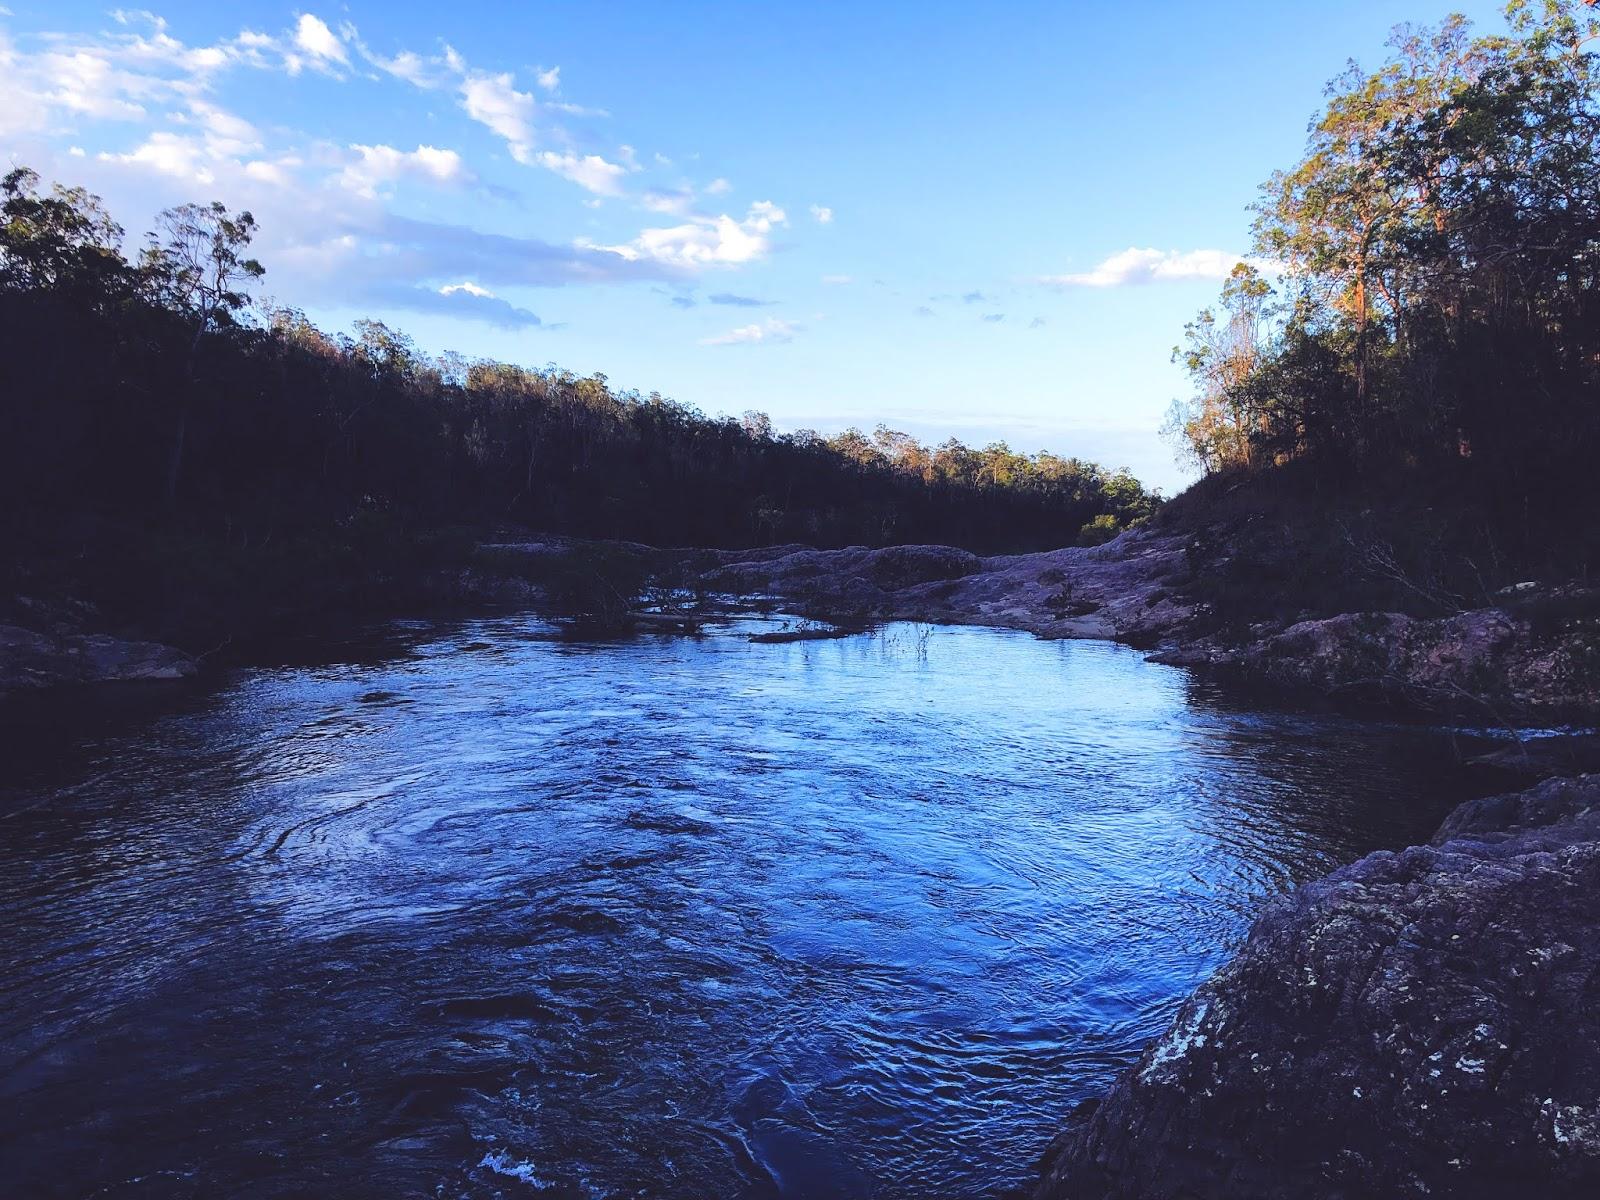 Rzeka w Australii niedaleko parku parku narodowego Girringun oraz wodospadu Wallaman Falls